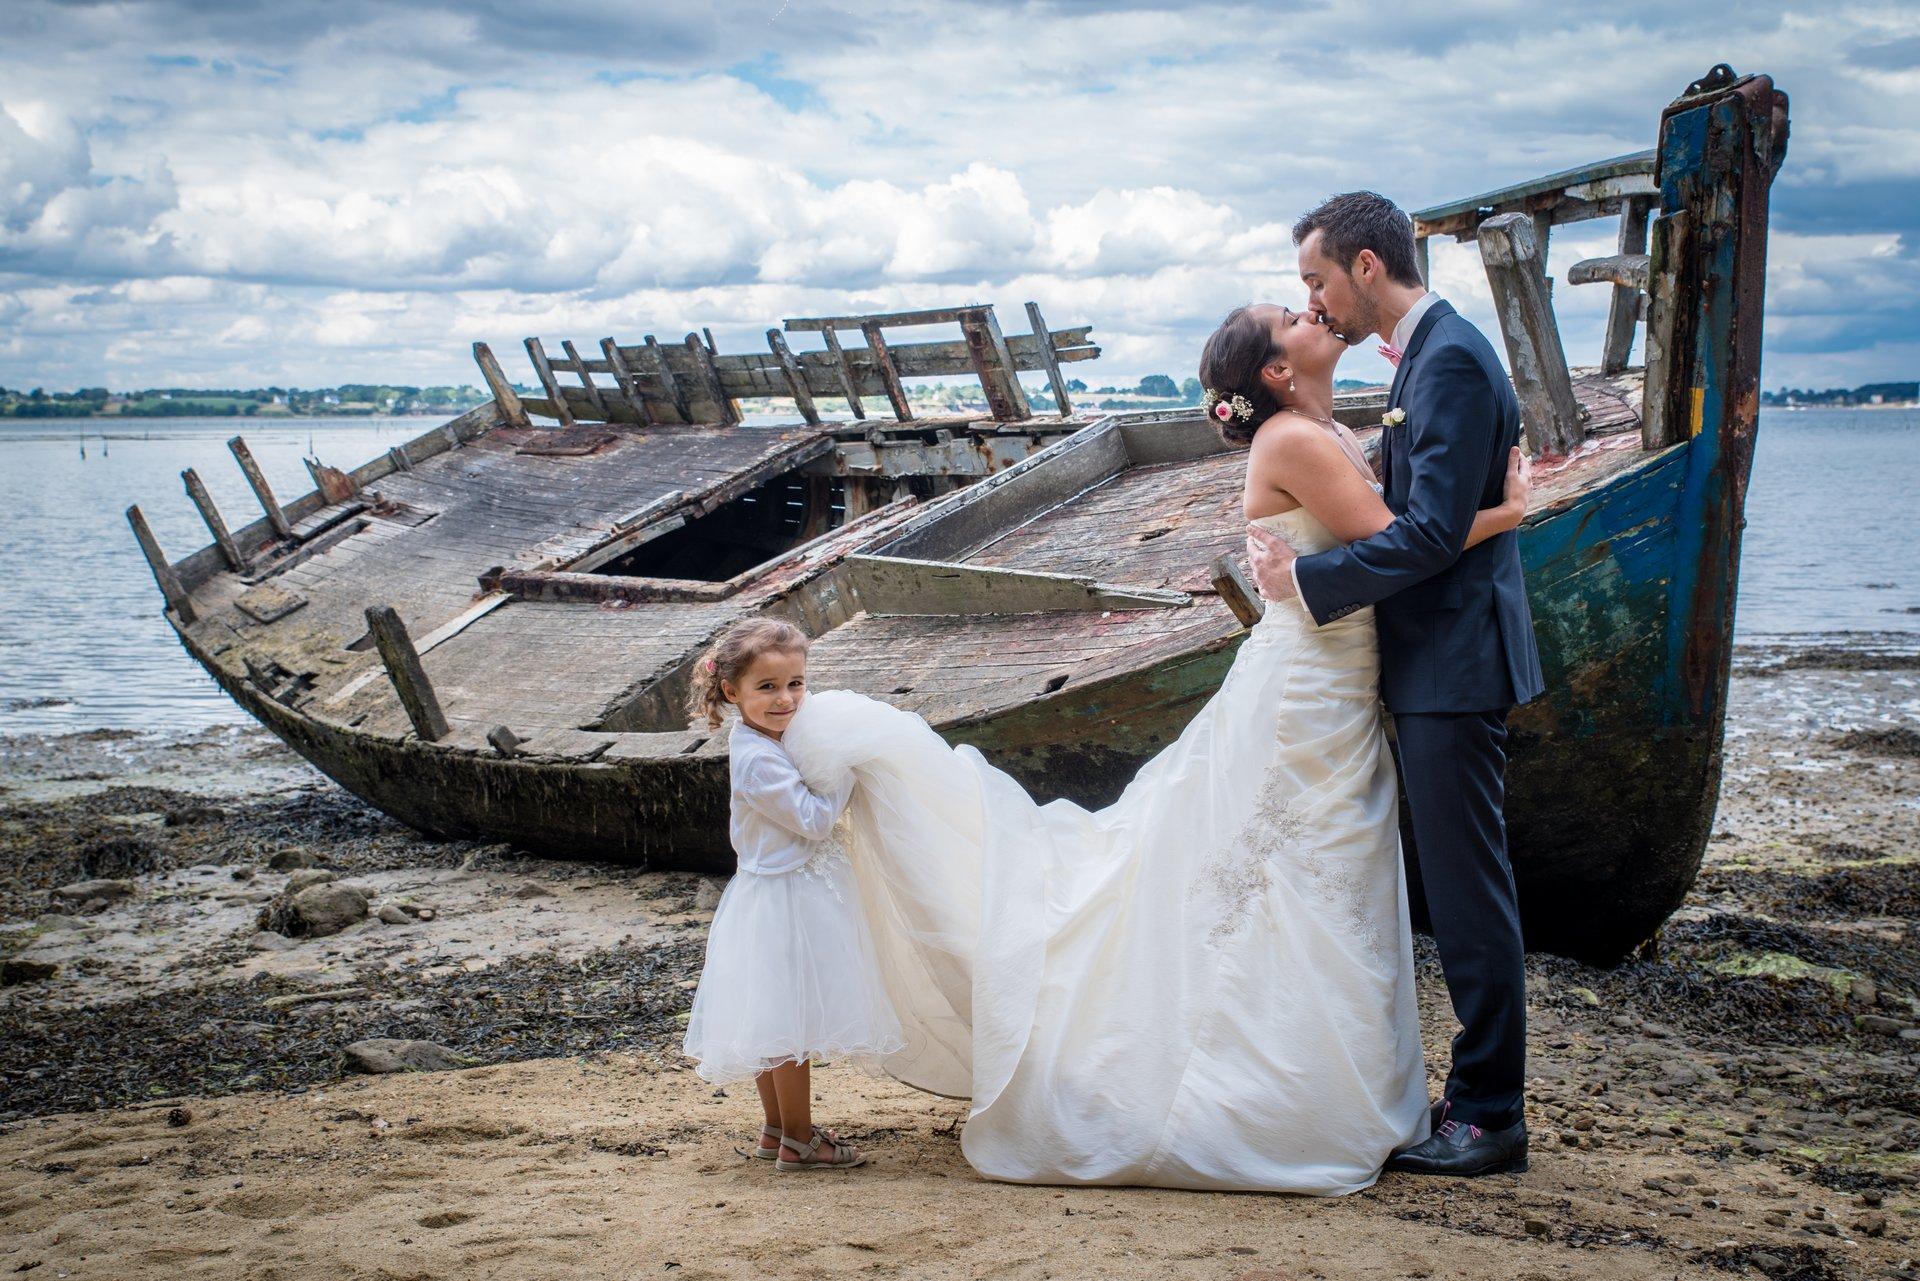 reportages de mariage 2016 et 2017 photographe mariage bretagne saint brieuc ctes darmor - Photographe Mariage Saint Brieuc